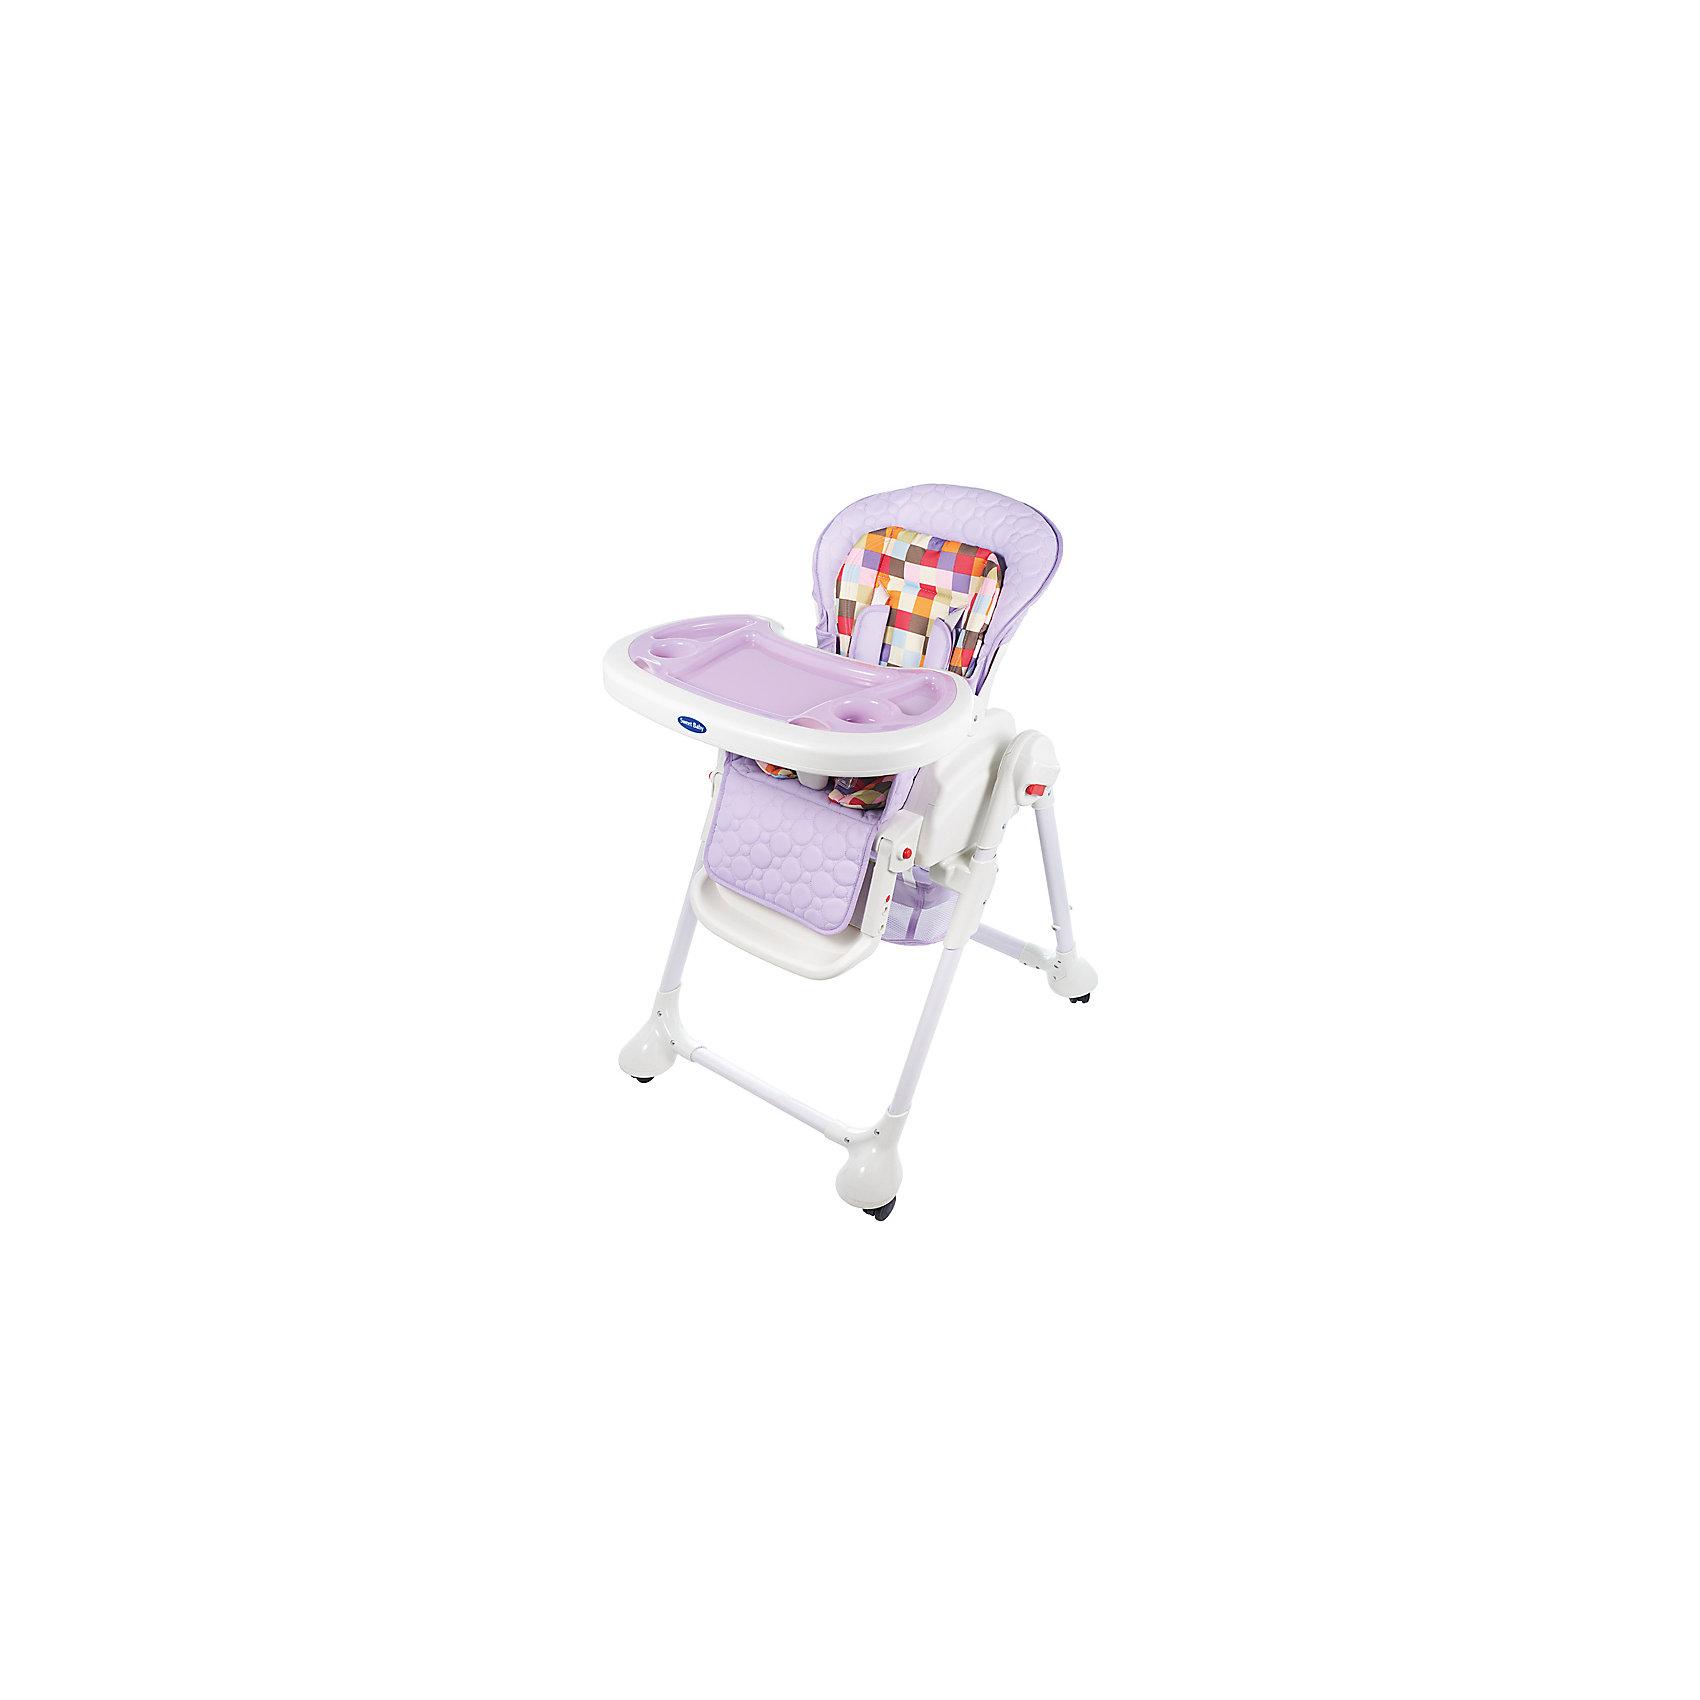 Стульчик для кормления Luxor Multicolor, Sweet Baby, Lillaот рождения<br>Характеристика товара:<br><br>• цвет: Lilla (фиолетовый)<br>• используется в качестве стульчика для кормления или шезлонга для сна<br>• наклон спинки регулируется, устанавливается в горизонтальное положение<br>• регулируемая по высоте спинка (5 уровней)<br>• угол наклона спинки регулируется (3 положения)<br>• регулируемая длина подножки (3 уровня)<br>• чехол из экокожи<br>• яркий вкладыш из мягкой гипоаллергенной ткани (снимается)<br>• сетчато-текстильная корзина для аксессуаров<br>• 5-точечные ремни безопасности с надежным замком и мягкими накладками<br>• 3 позиции глубины и высоты подноса<br>• съемная верхняя накладка на поднос и 2 углубления для посуды<br>• 4 колеса со стоперами<br>• компактные размеры и устойчивость в сложенном виде<br>• возраст: от 0 месяцев<br>• материал рамы: металл, пластик<br>• страна производства: Китай<br>• вес: 15 кг<br>• размер упаковки: 91х30х65 см<br><br>Стульчик для кормления Luxor Multicolor Sweet Baby с уникальной функцией –<br>ручным механизмом качания!<br><br>Компактный стульчик для кормления теперь может быть и кроваткой – Вы сможете заняться любым делом, параллельно убаюкивая своего малыша.<br><br>Стульчик легко перемещается, а это значит, что Вы сможете убаюкать крошку там, где Вам удобно.<br><br>Стульчик для кормления Luxor Multicolor, Sweet Baby, Lilla можно купить в нашем интернет-магазине.<br><br>Ширина мм: 640<br>Глубина мм: 910<br>Высота мм: 300<br>Вес г: 17400<br>Возраст от месяцев: 0<br>Возраст до месяцев: 36<br>Пол: Унисекс<br>Возраст: Детский<br>SKU: 5583547